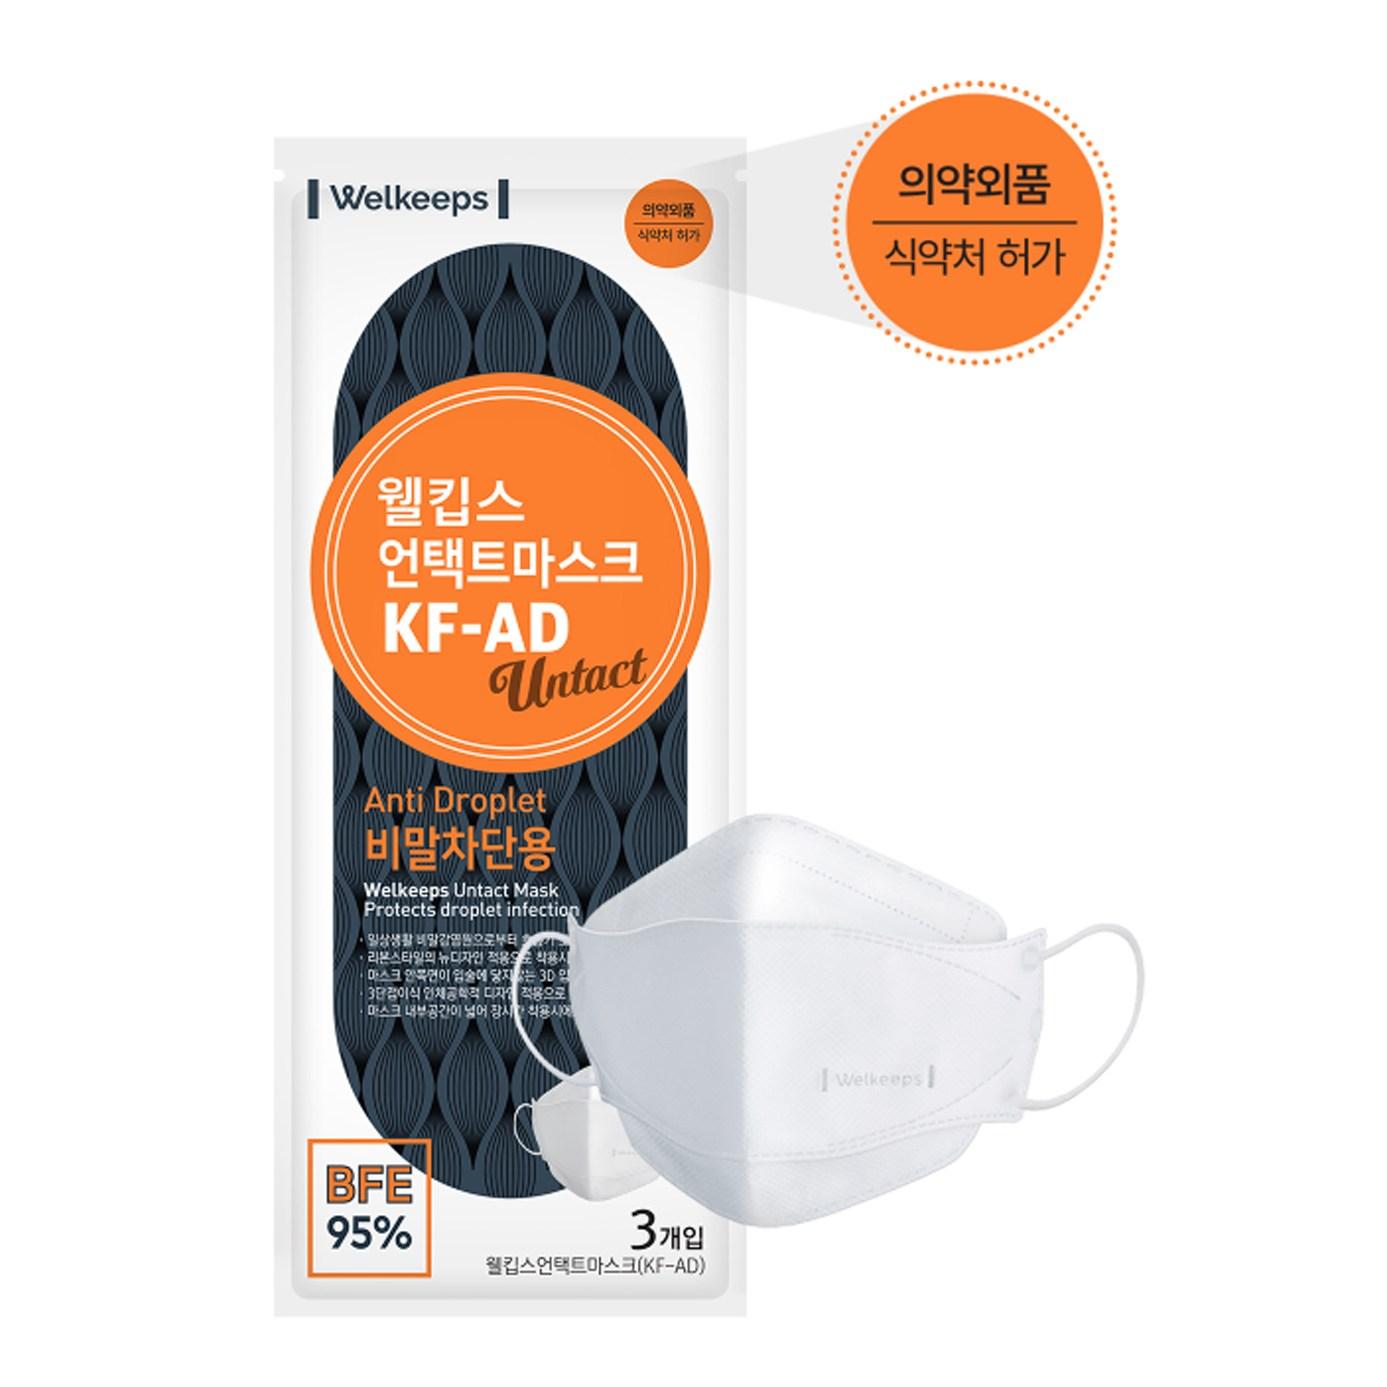 웰킵스 비말차단 언택트 입체형 스타일 마스크 KF-AD 대형 흰색 30개입, 30매입